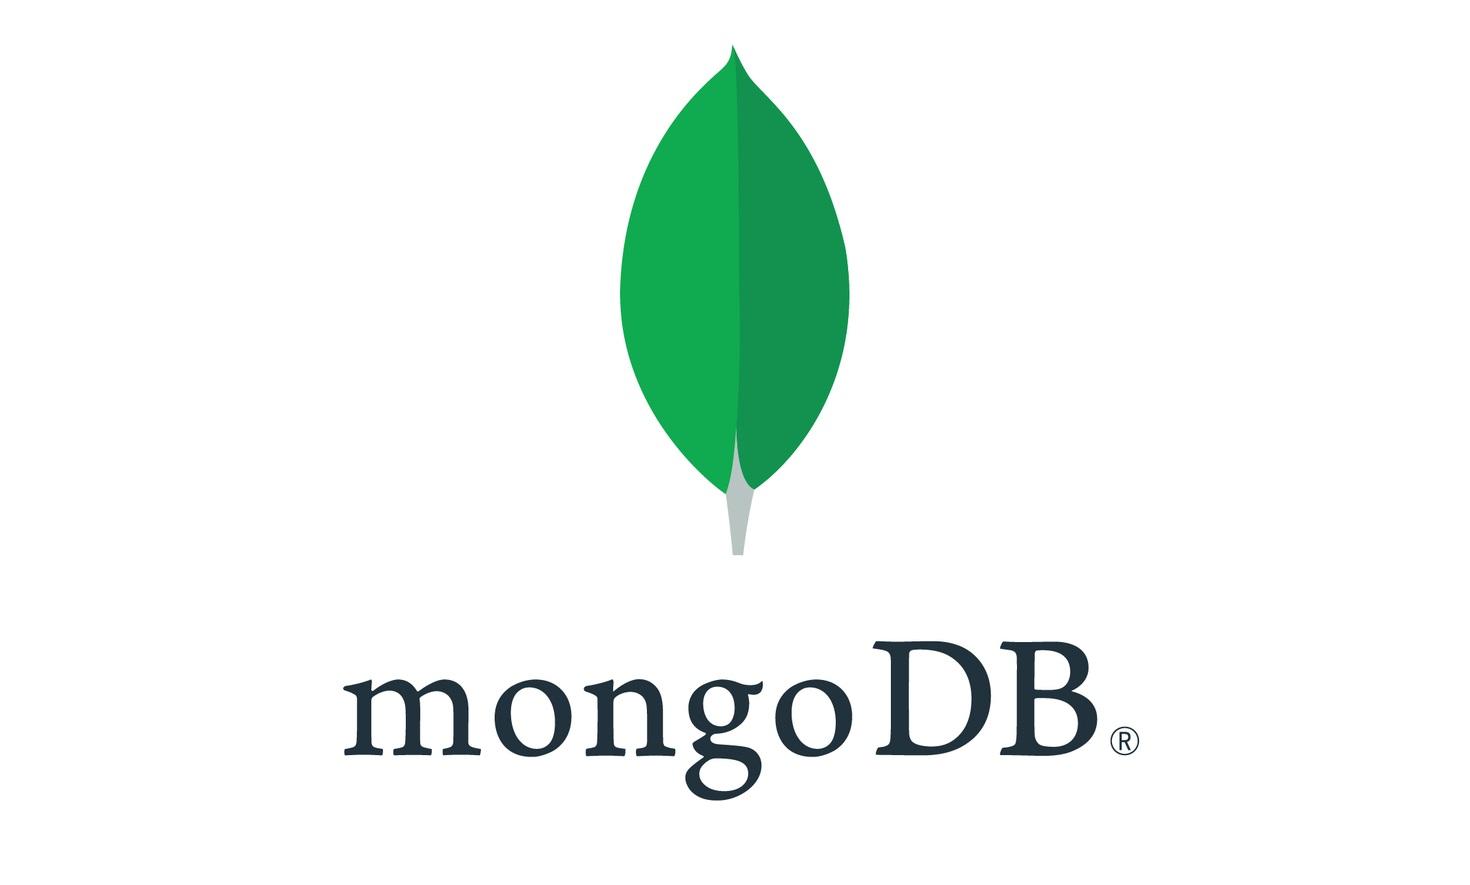 Setup MongoDB Replica Set with 2 Nodes